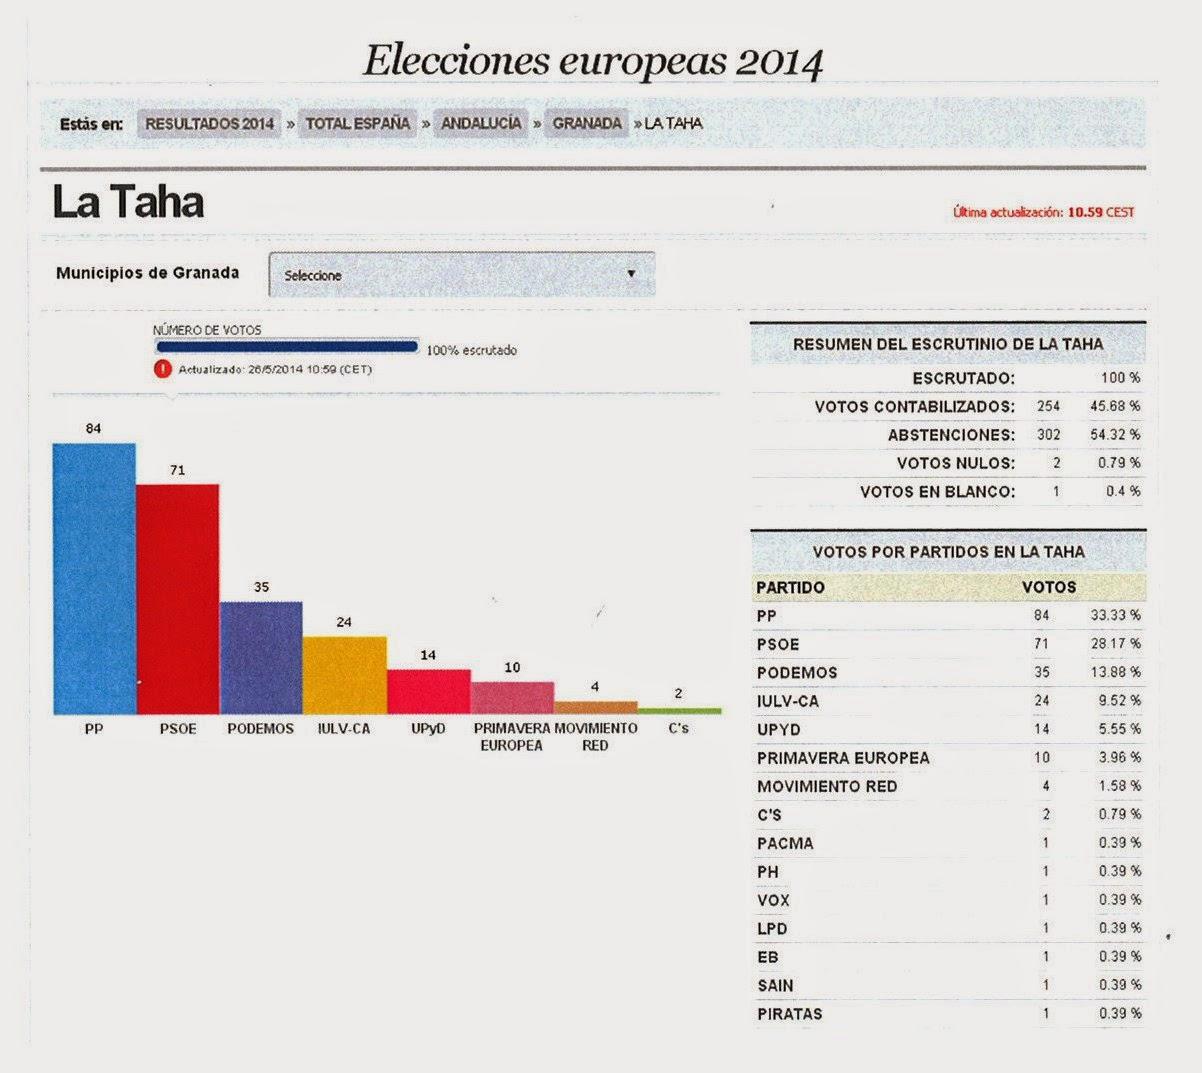 La taha resultados electorales la taha 2014 for Resultados electorales ministerio